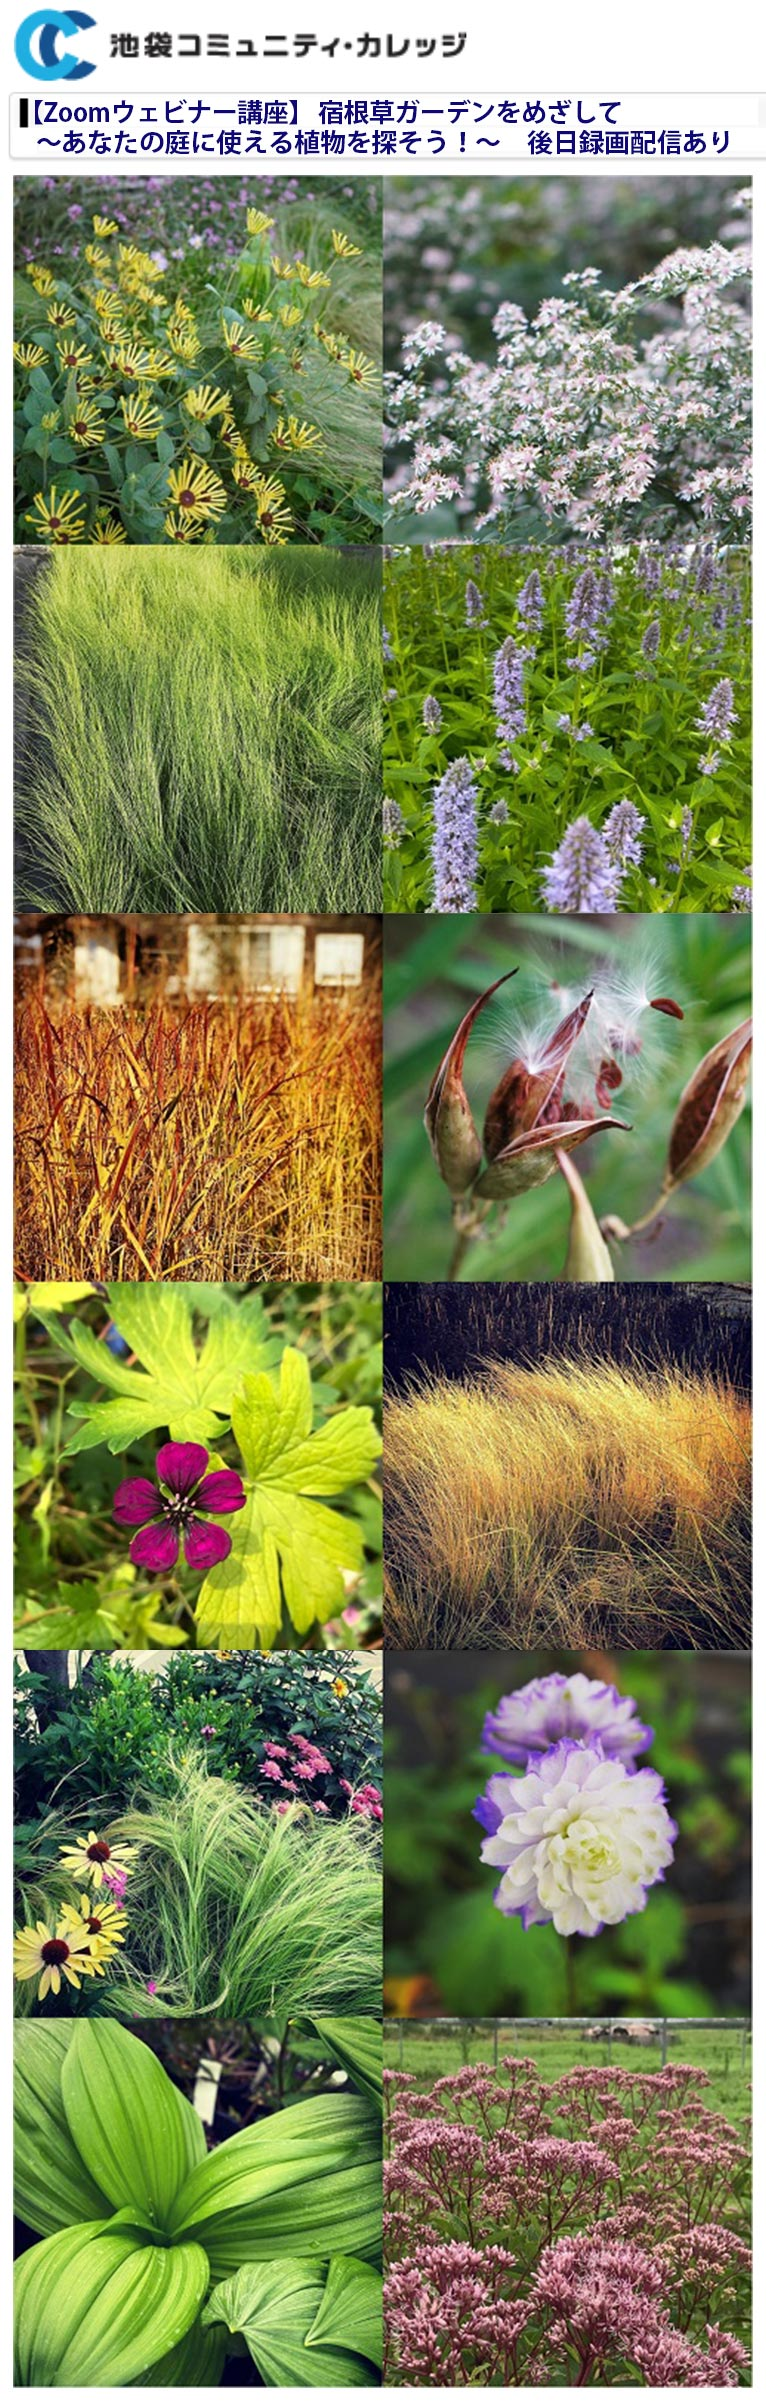 2021年6月26日 【Zoomウェビナー講座】 宿根草ガーデンをめざして~あなたの庭に使える植物を探そう!~(後日録画配信あり)講師:JGNメンバー はるはなファーム 代表 鈴木 学氏 池袋コミュニティ・カレッジ